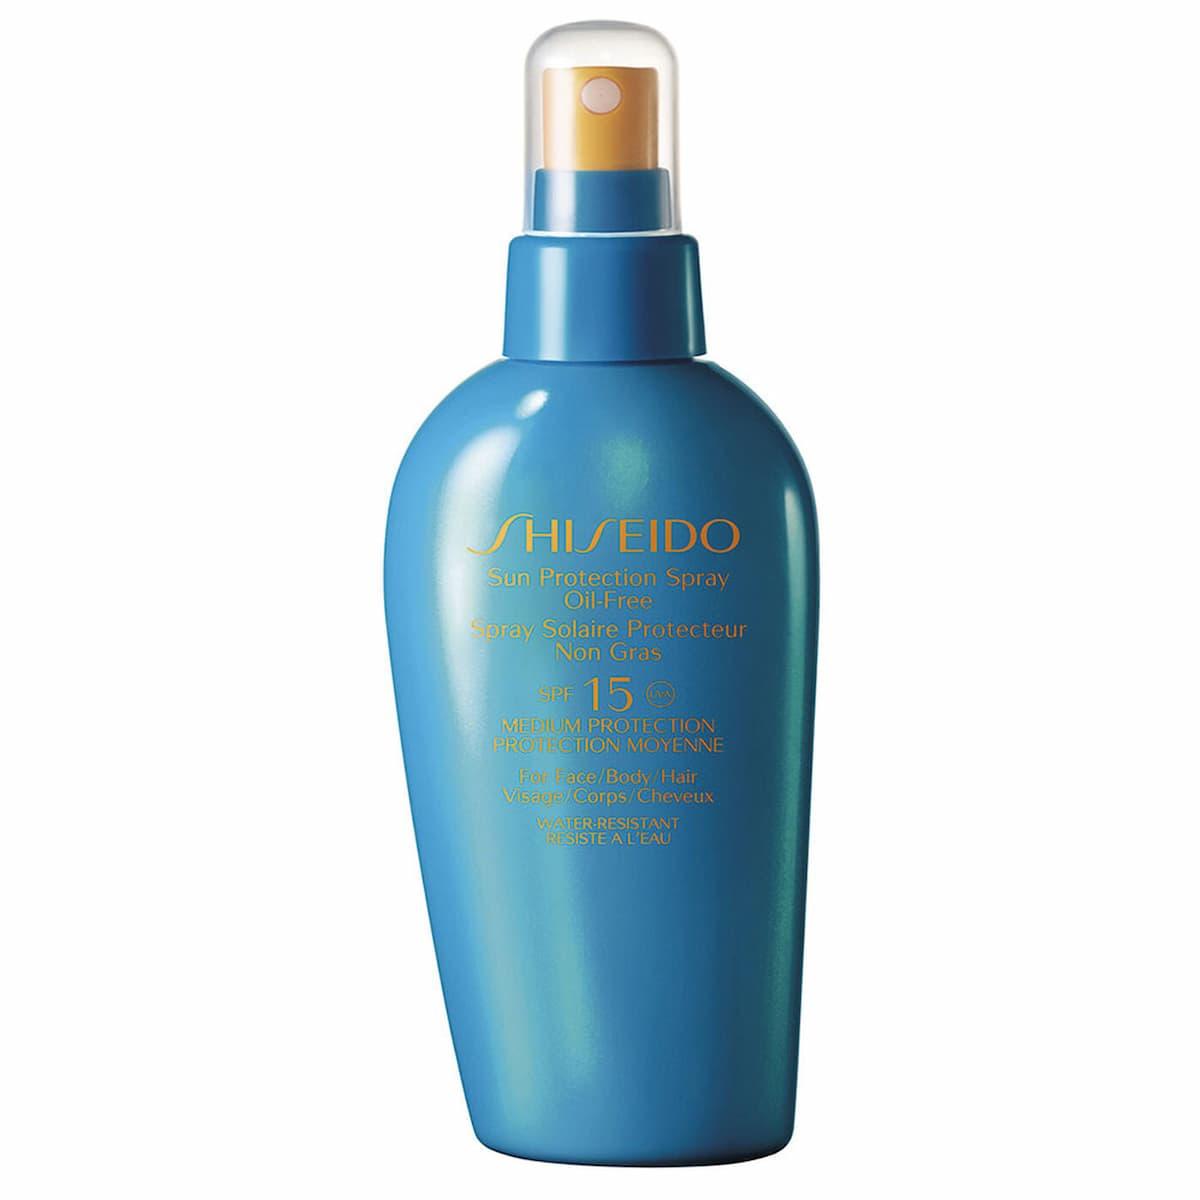 Shiseido - Spray Solaire Protecteur SPF 15